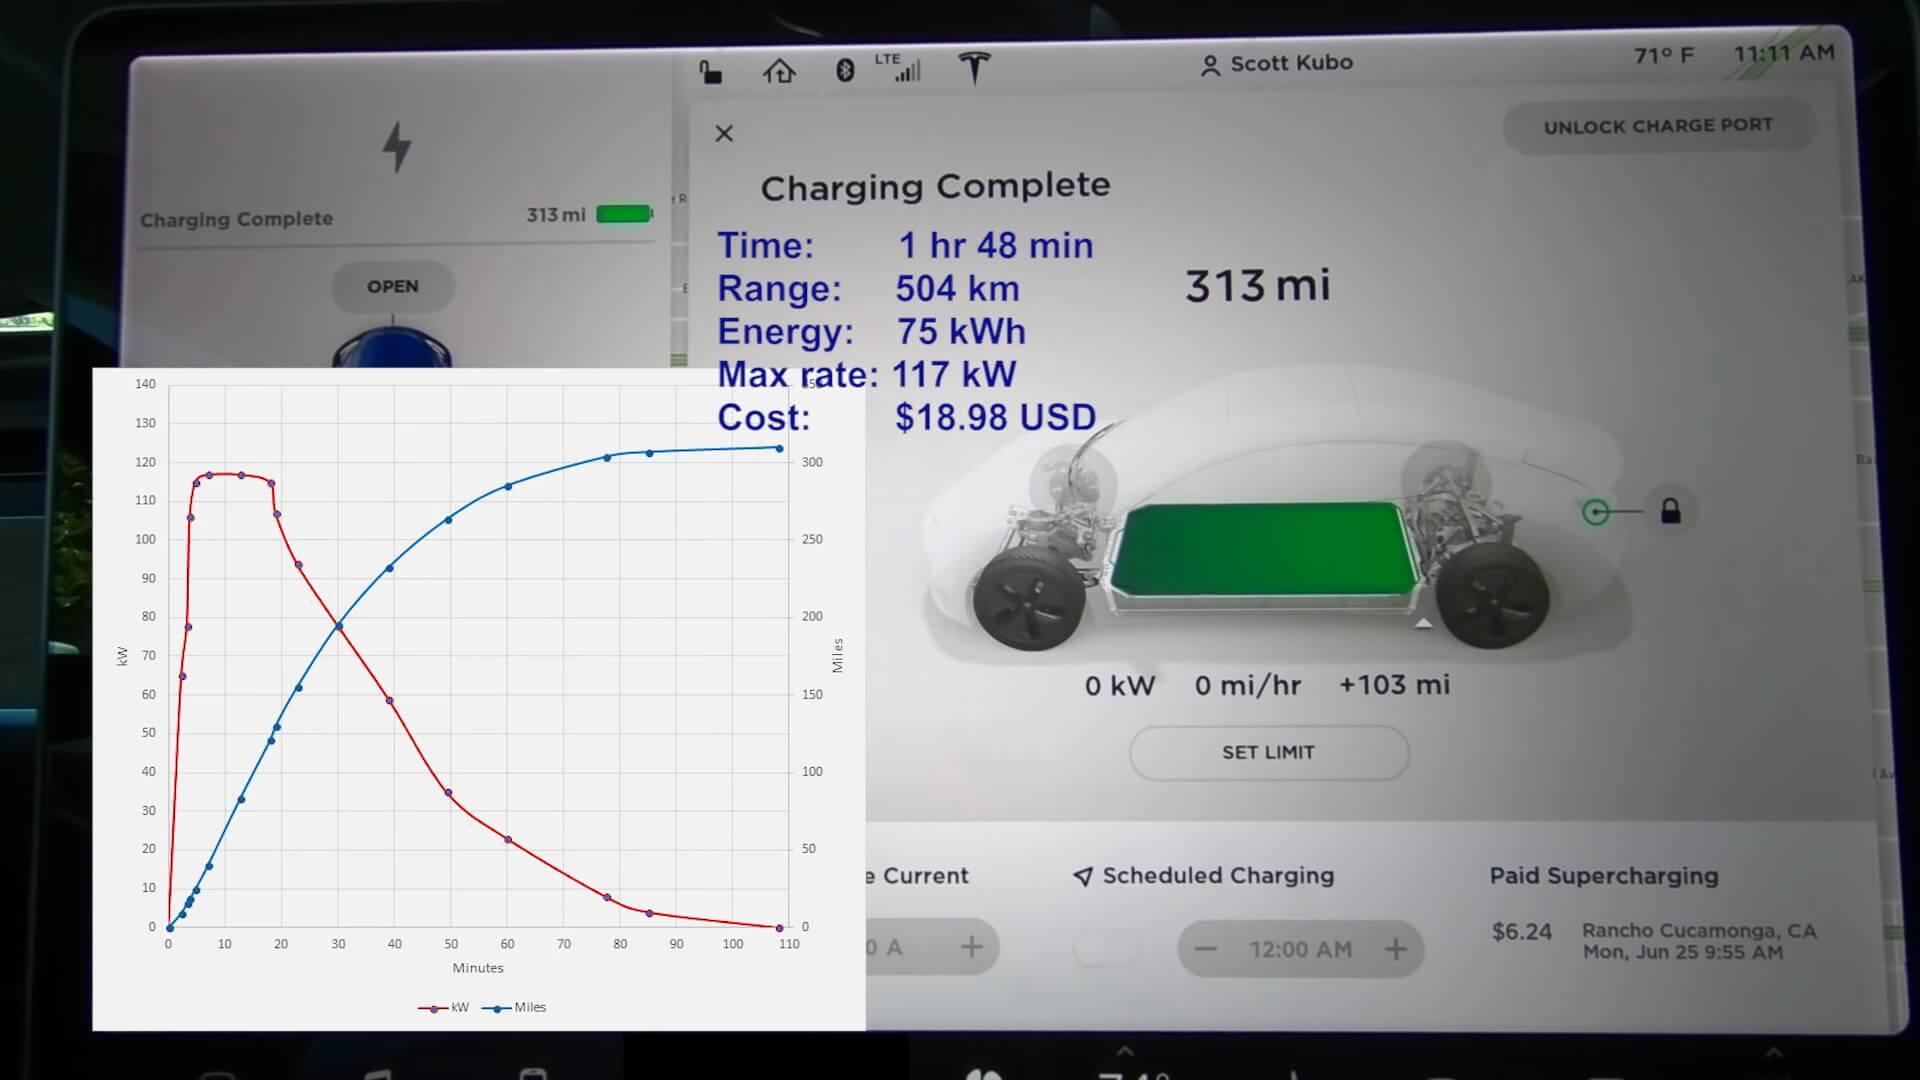 Данные по полной зарядке Tesla Model3